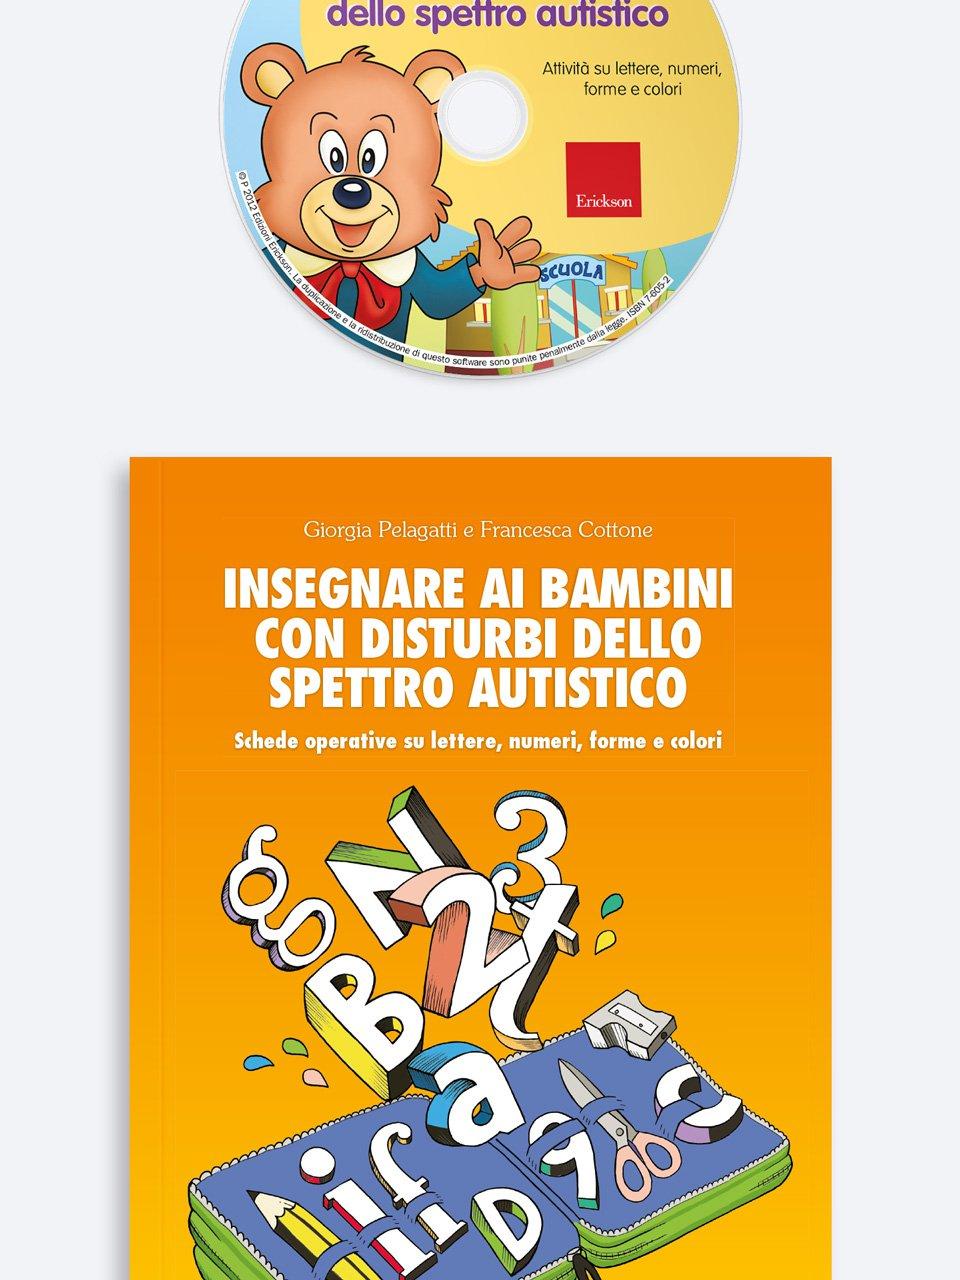 Insegnare ai bambini con disturbi dello spettro autistico - Enigmistica in gioco -  Compiti estivi - Classe qu - Libri - Erickson 3